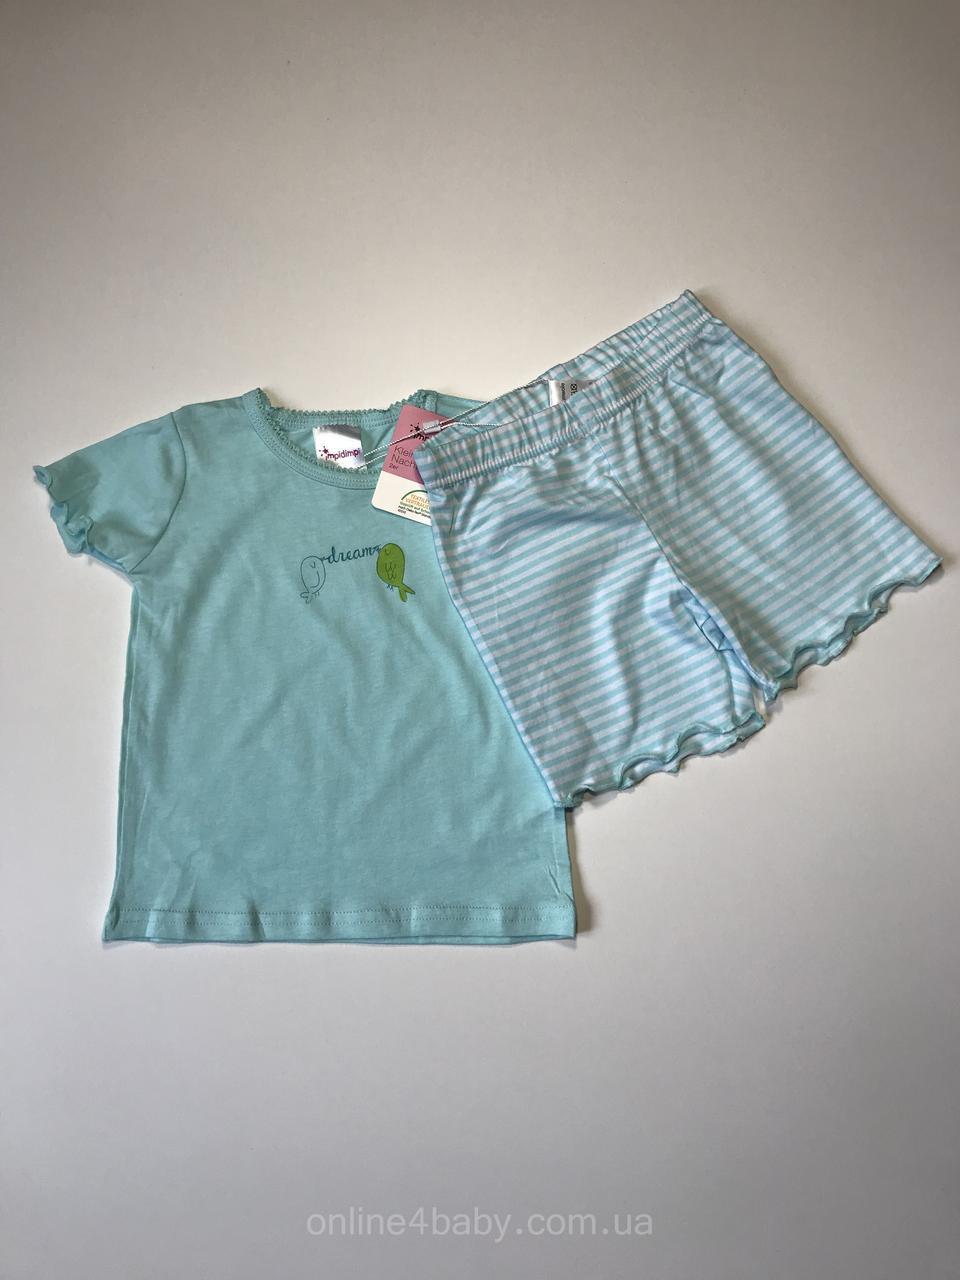 Дитяча піжама, домашній костюм Impidimpi на дівчинку 2-6 міс, ріст 62-68